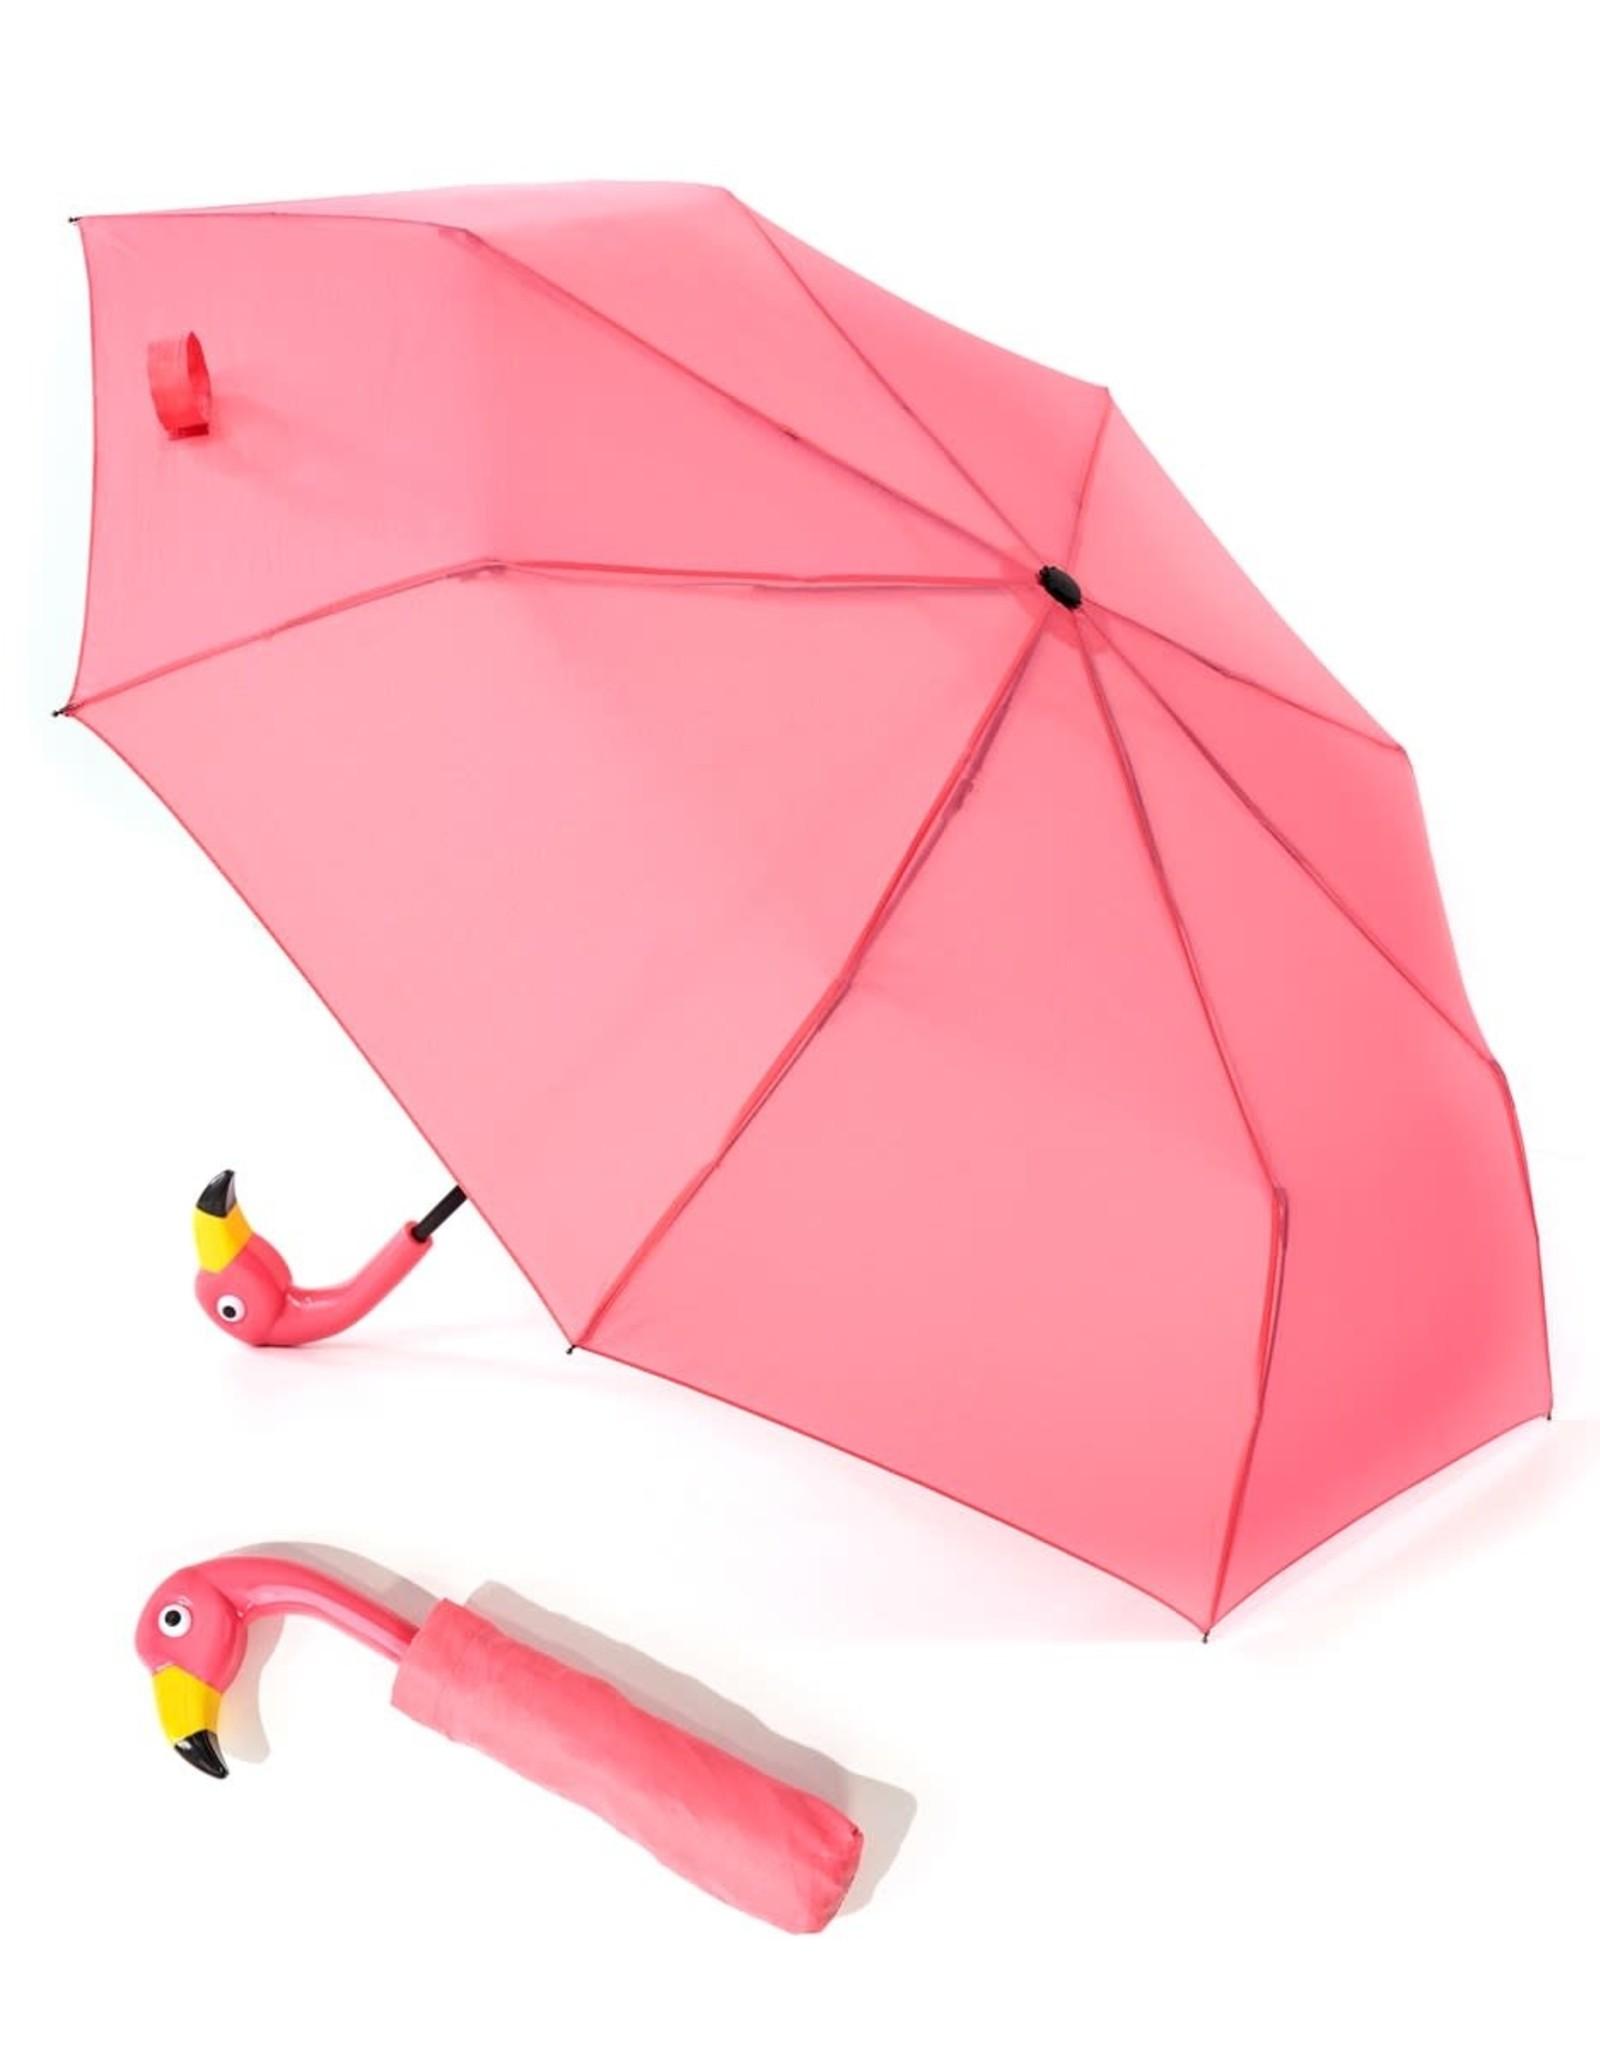 Umbrella - Compact Flamingo